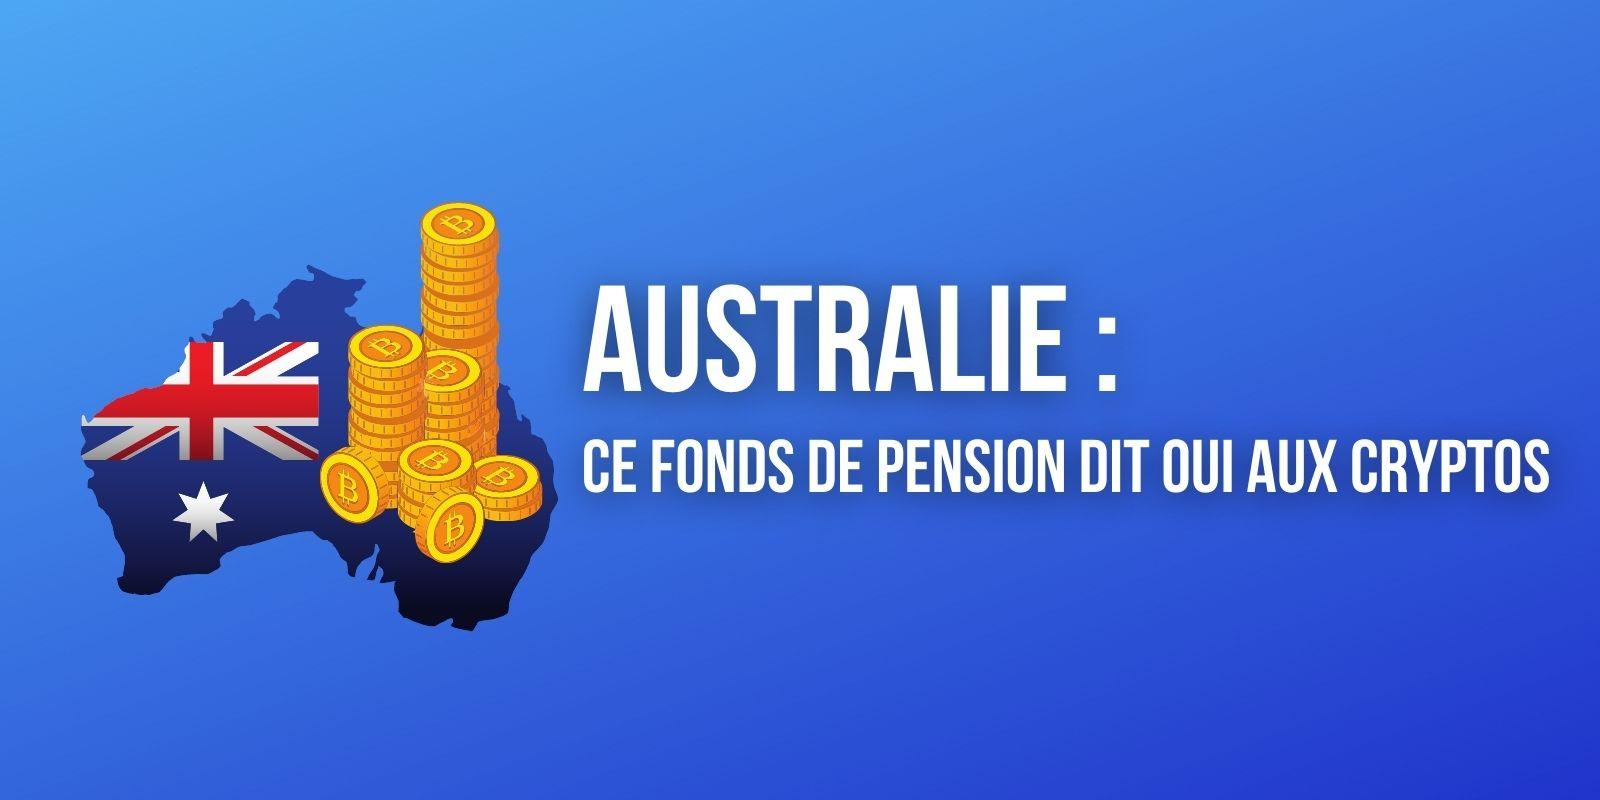 Ce fonds de pension australien envisage d'investir dans les cryptomonnaies